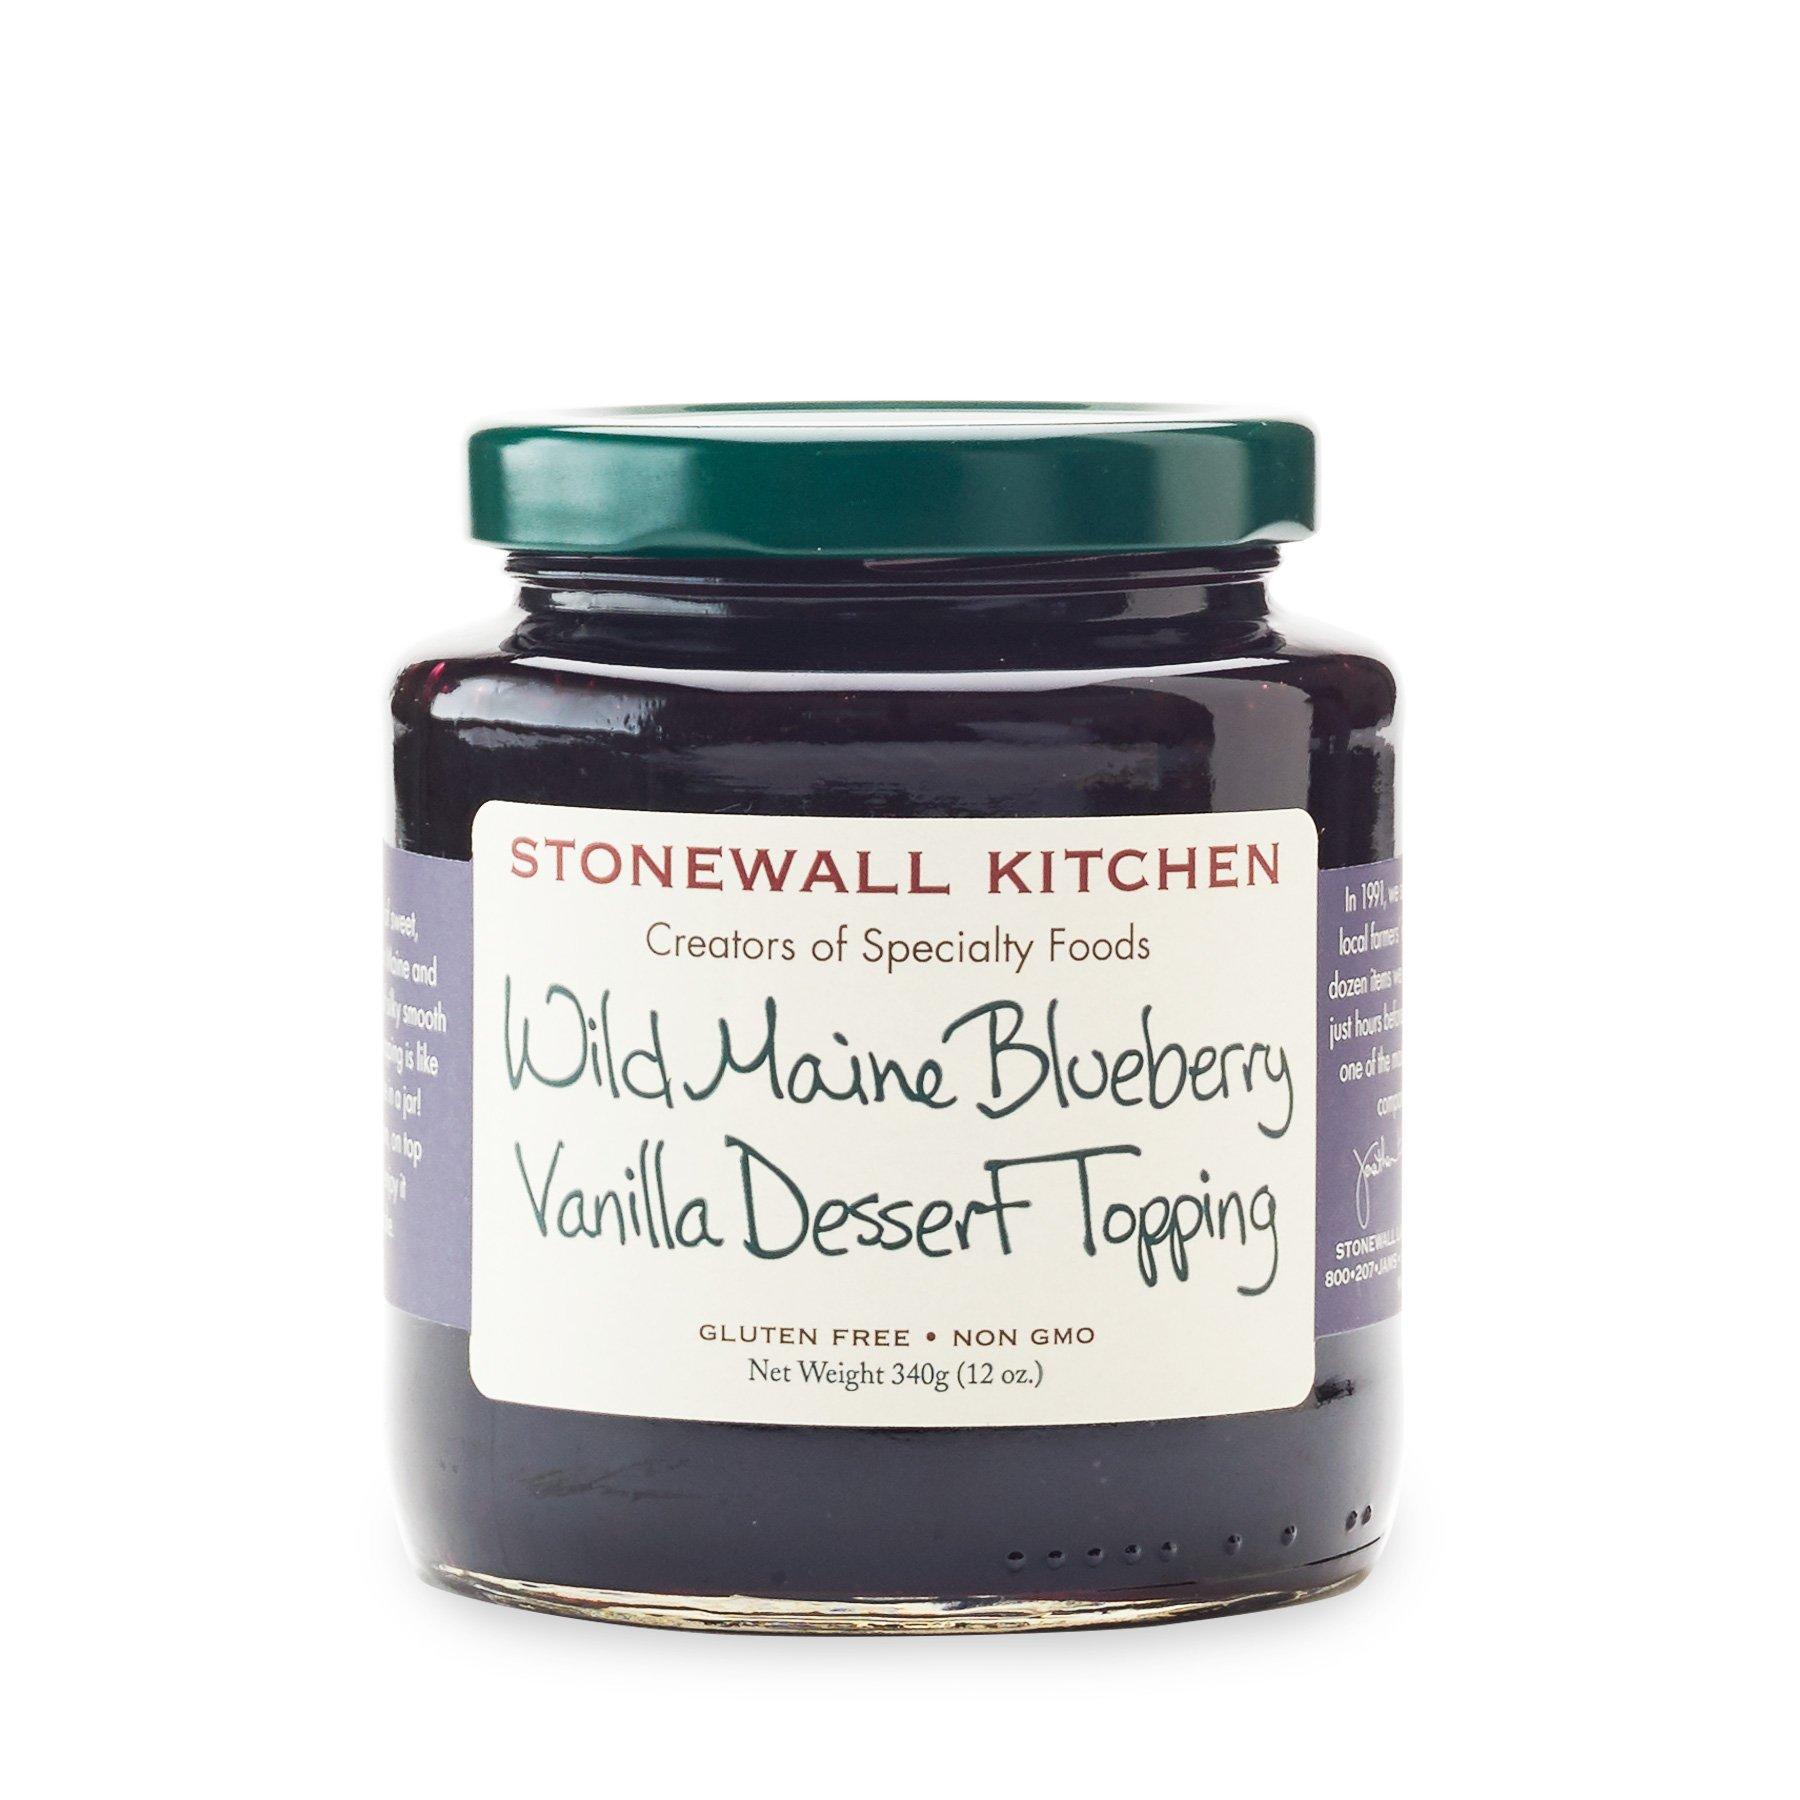 Stonewall Kitchen Wild Maine Blueberry Vanilla Dessert Topping, 12 oz